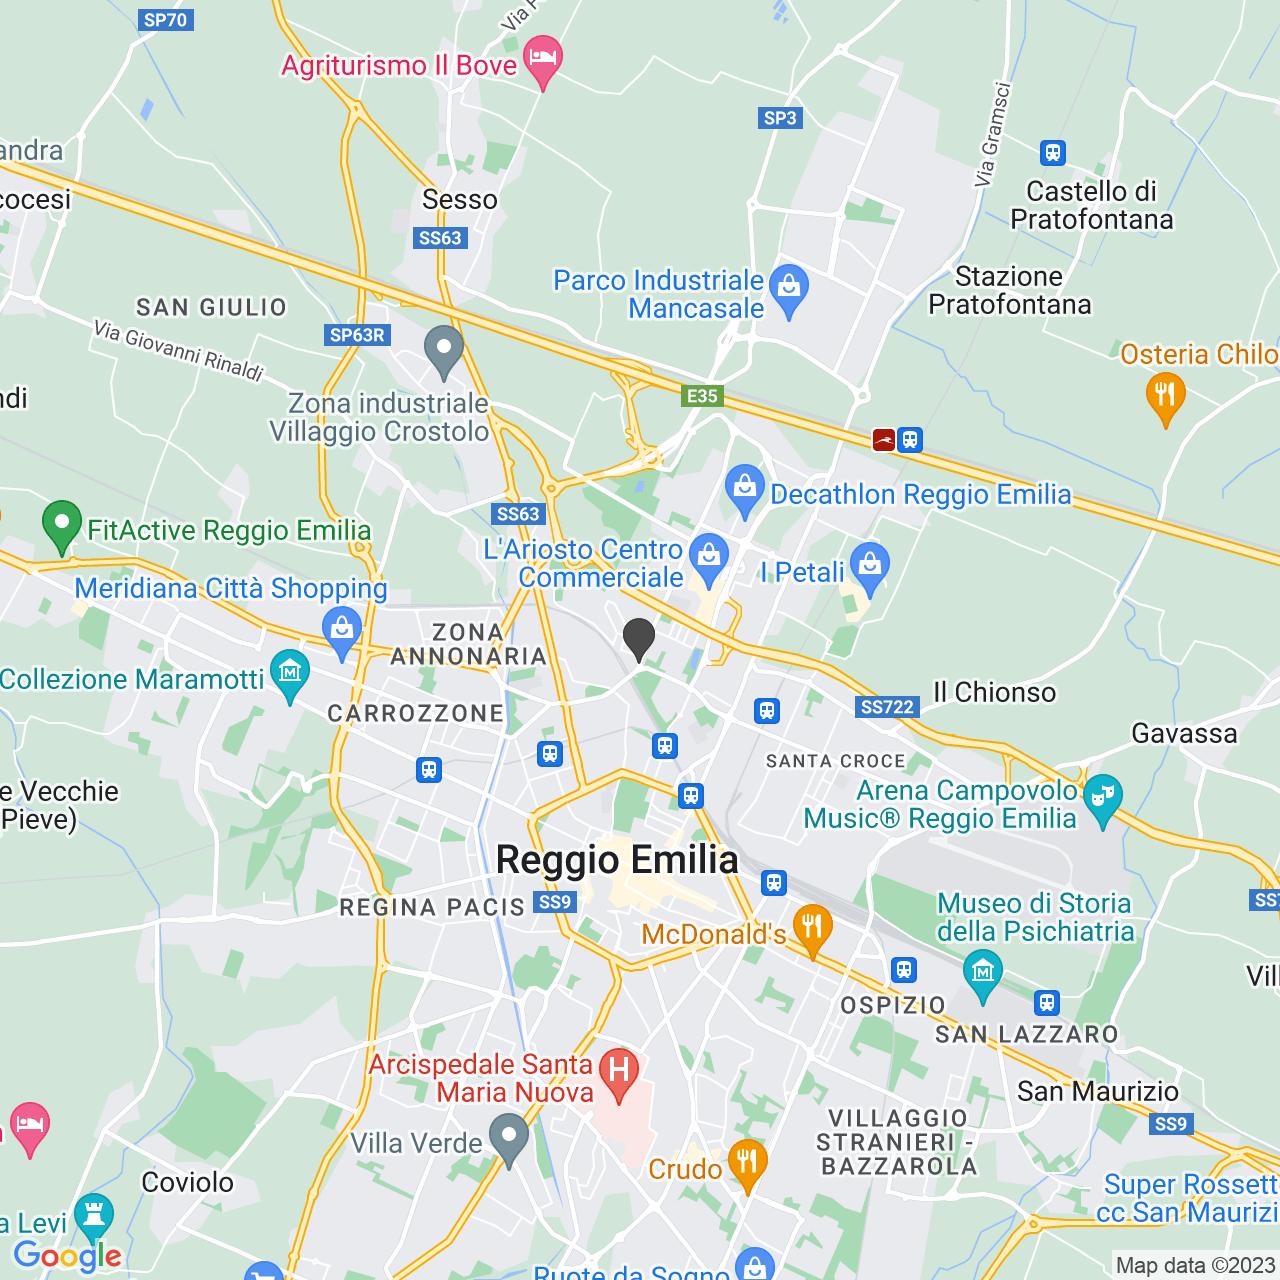 Chiesa Apostolica Italia